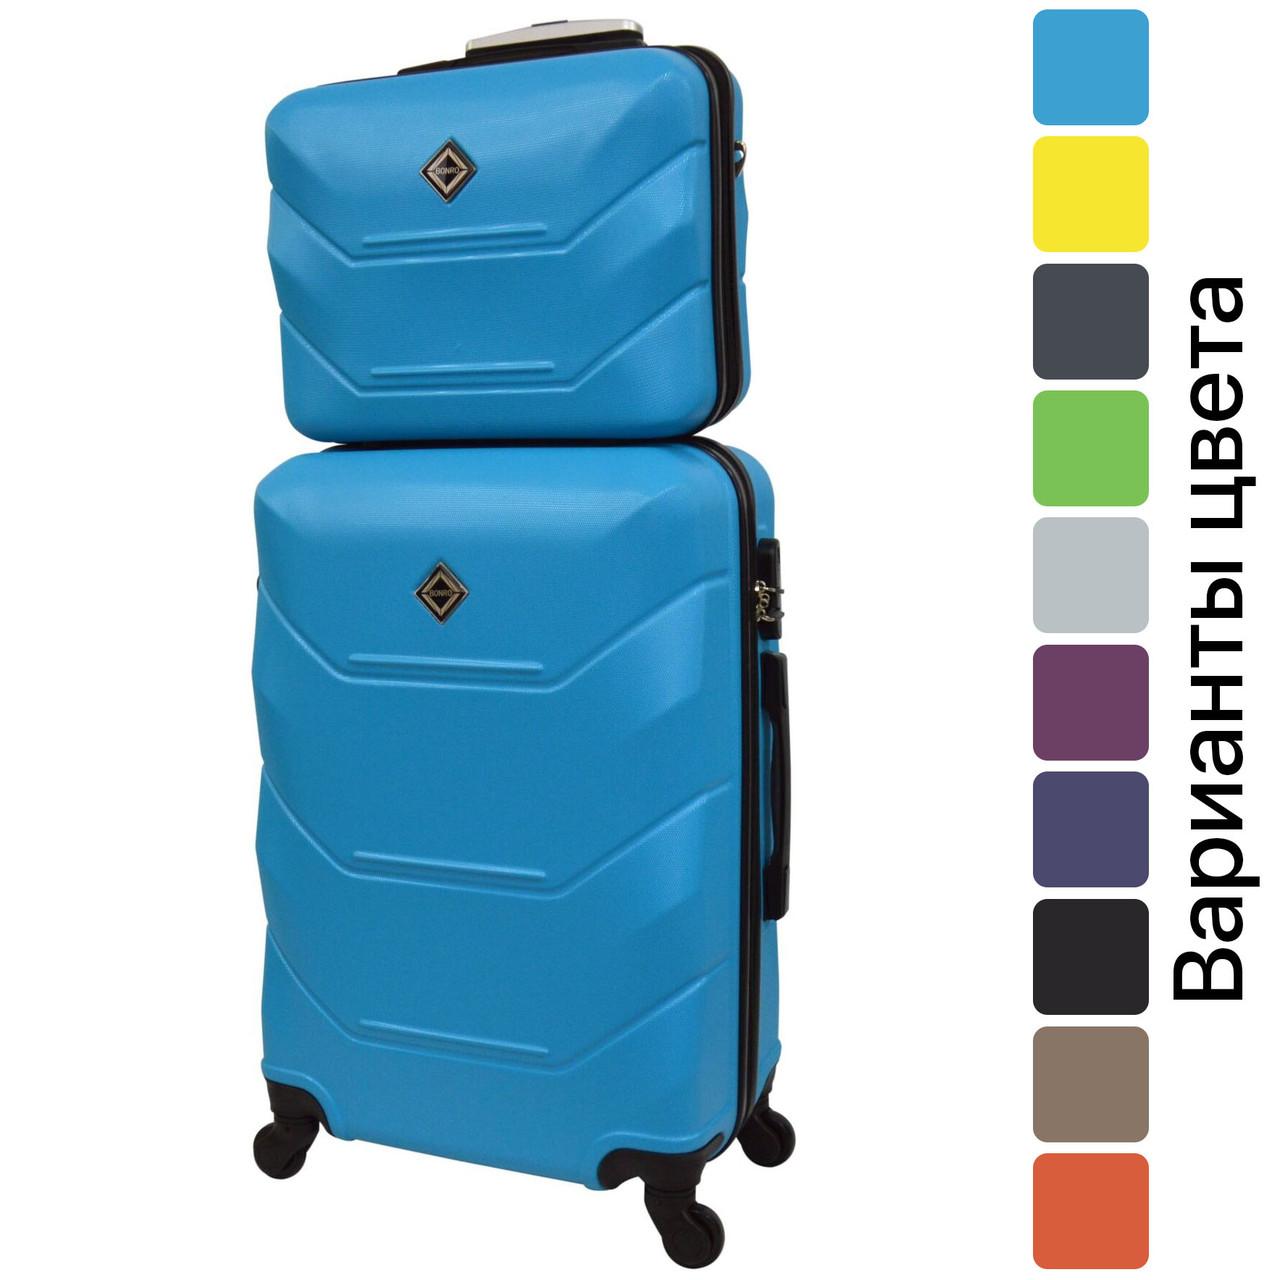 Комплект валіза + кейс Bonro 2019 середній дорожній набір